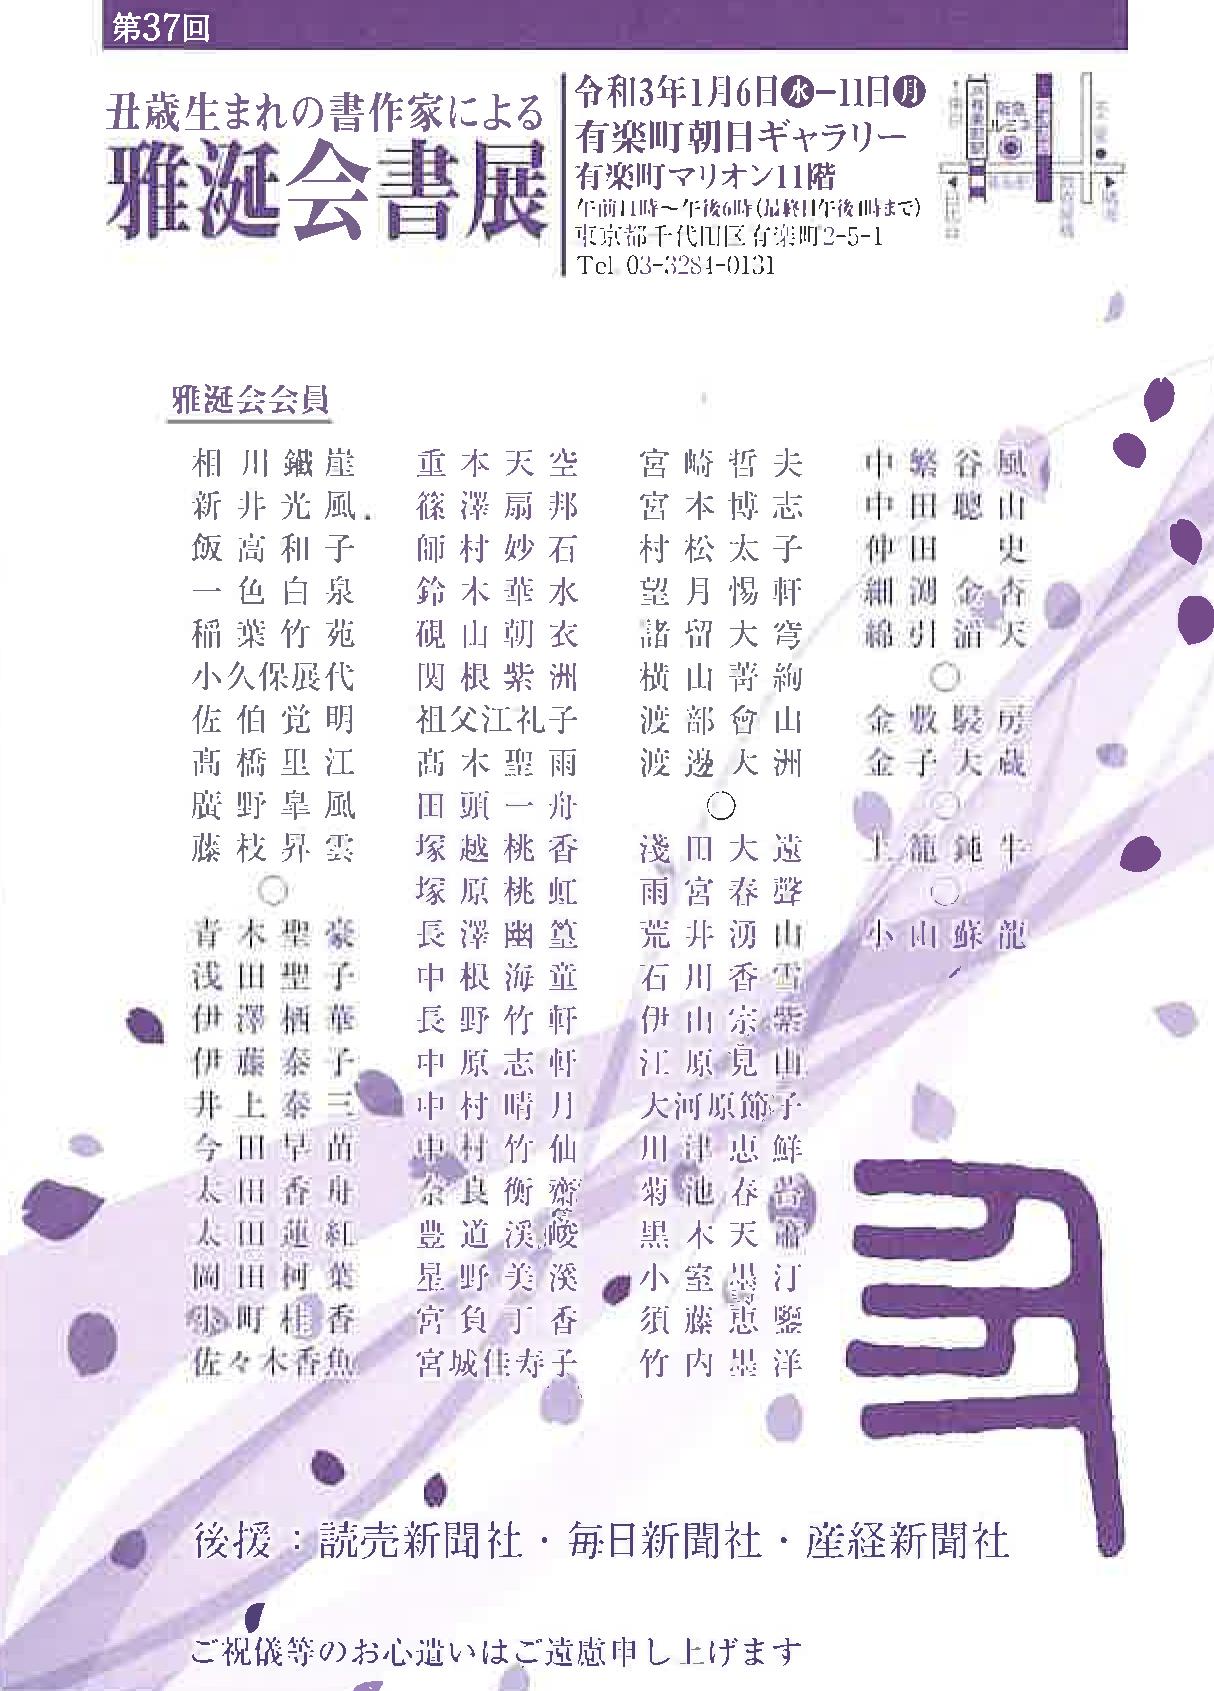 【展覧会情報】第37回雅涎会書展